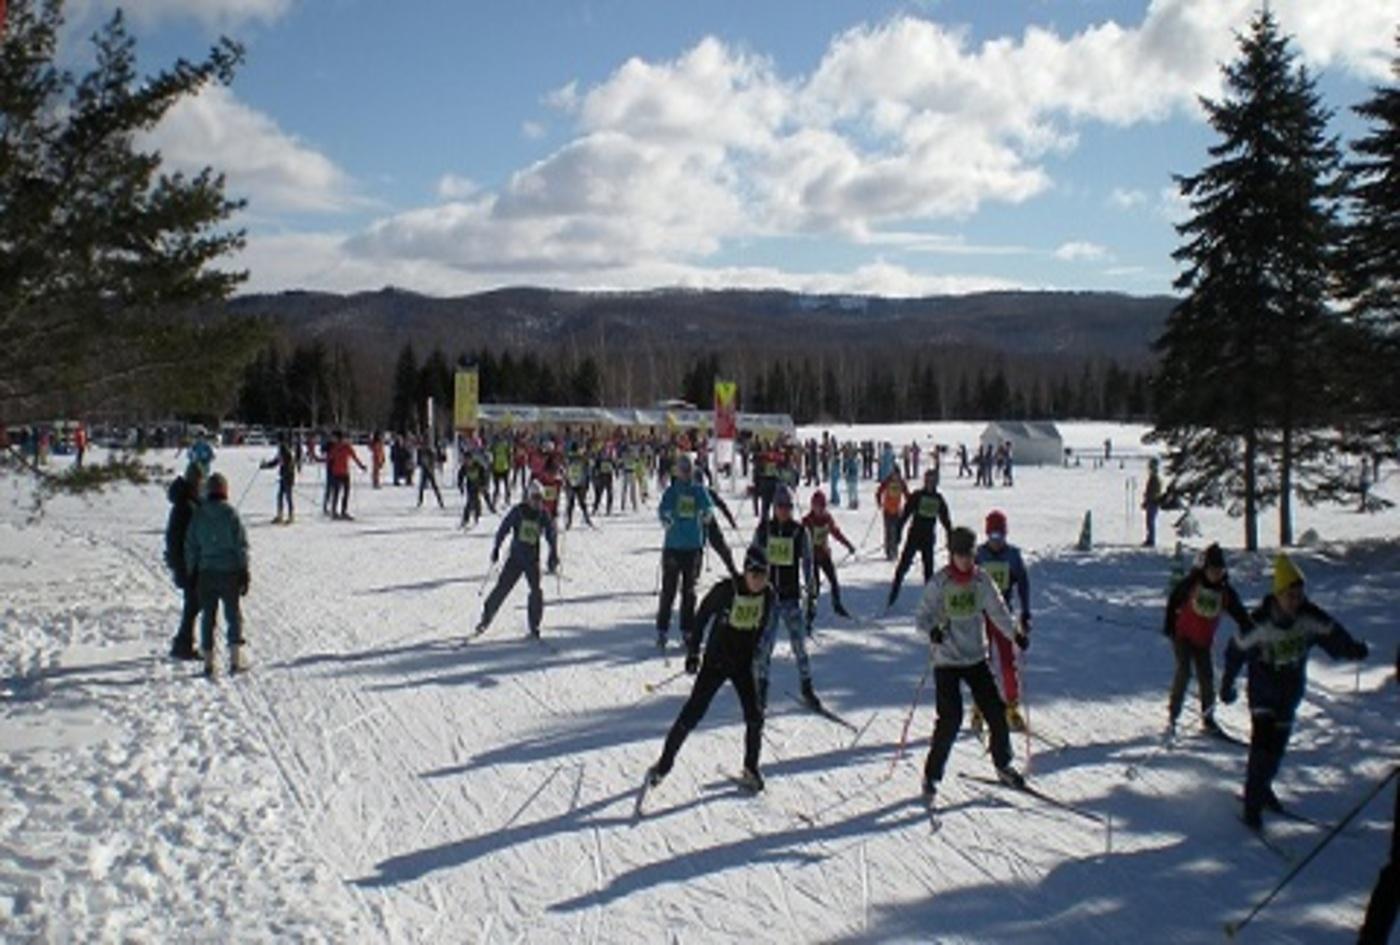 滝野公園歩くスキー大会/滝野公園クロスカントリースキー記録会 | 北海道